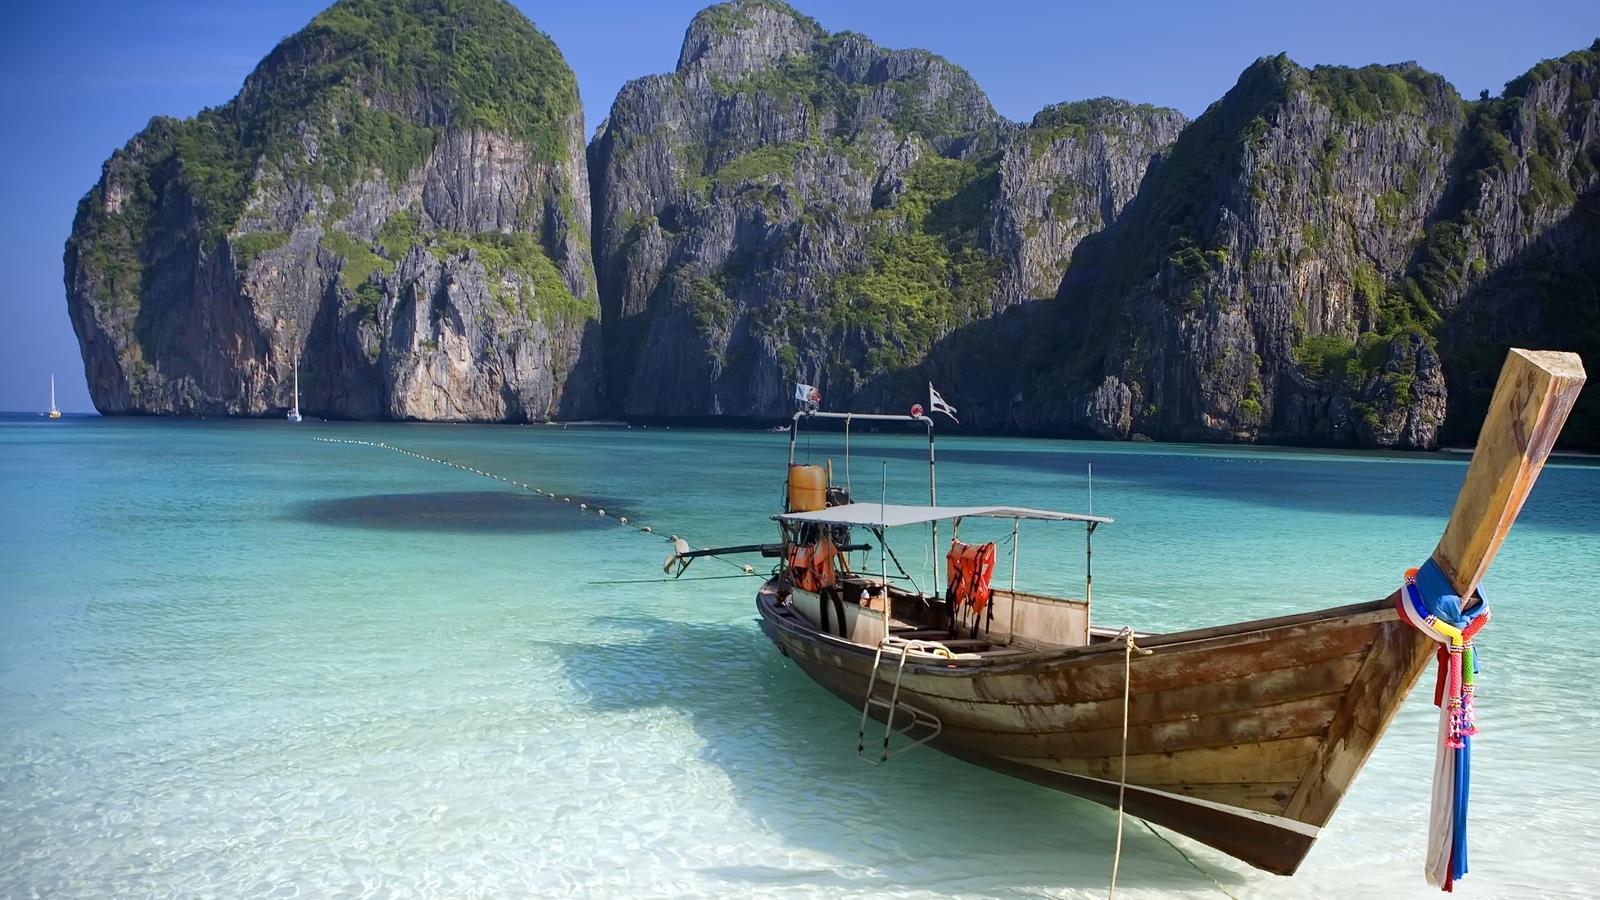 Du Lịch Free & Easy Thái Lan - Phuket 4 Ngày 3 Đêm